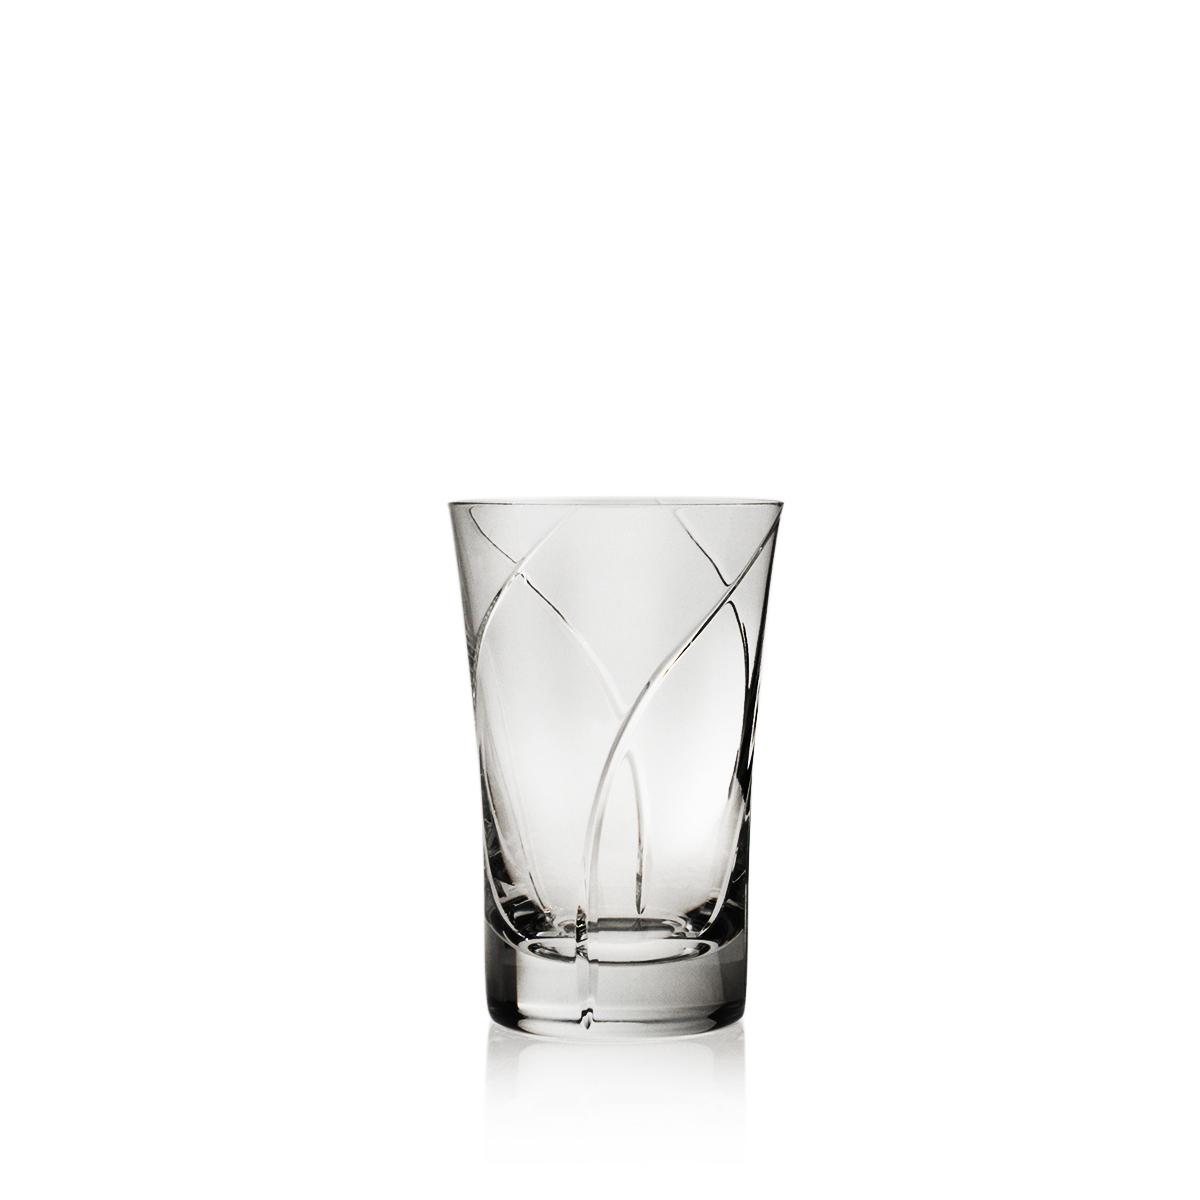 Steuben Whisper Highball Glass, Single